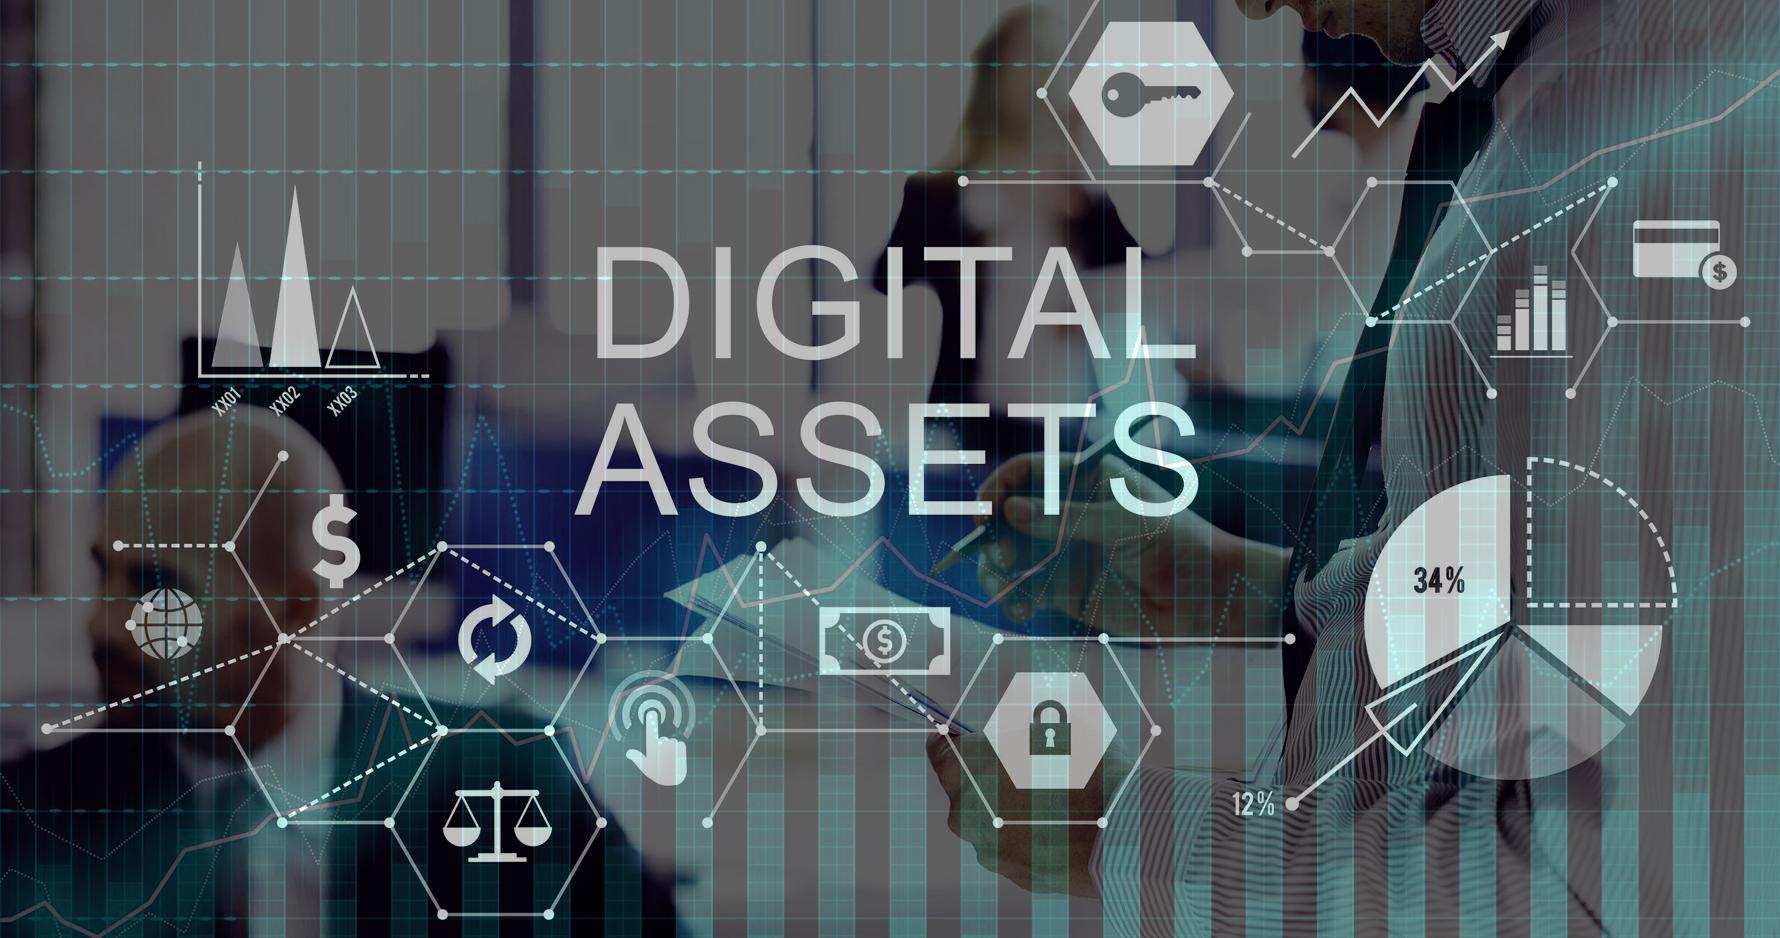 Cripto Report annuncia l'incremento di adozioni di asset digitali